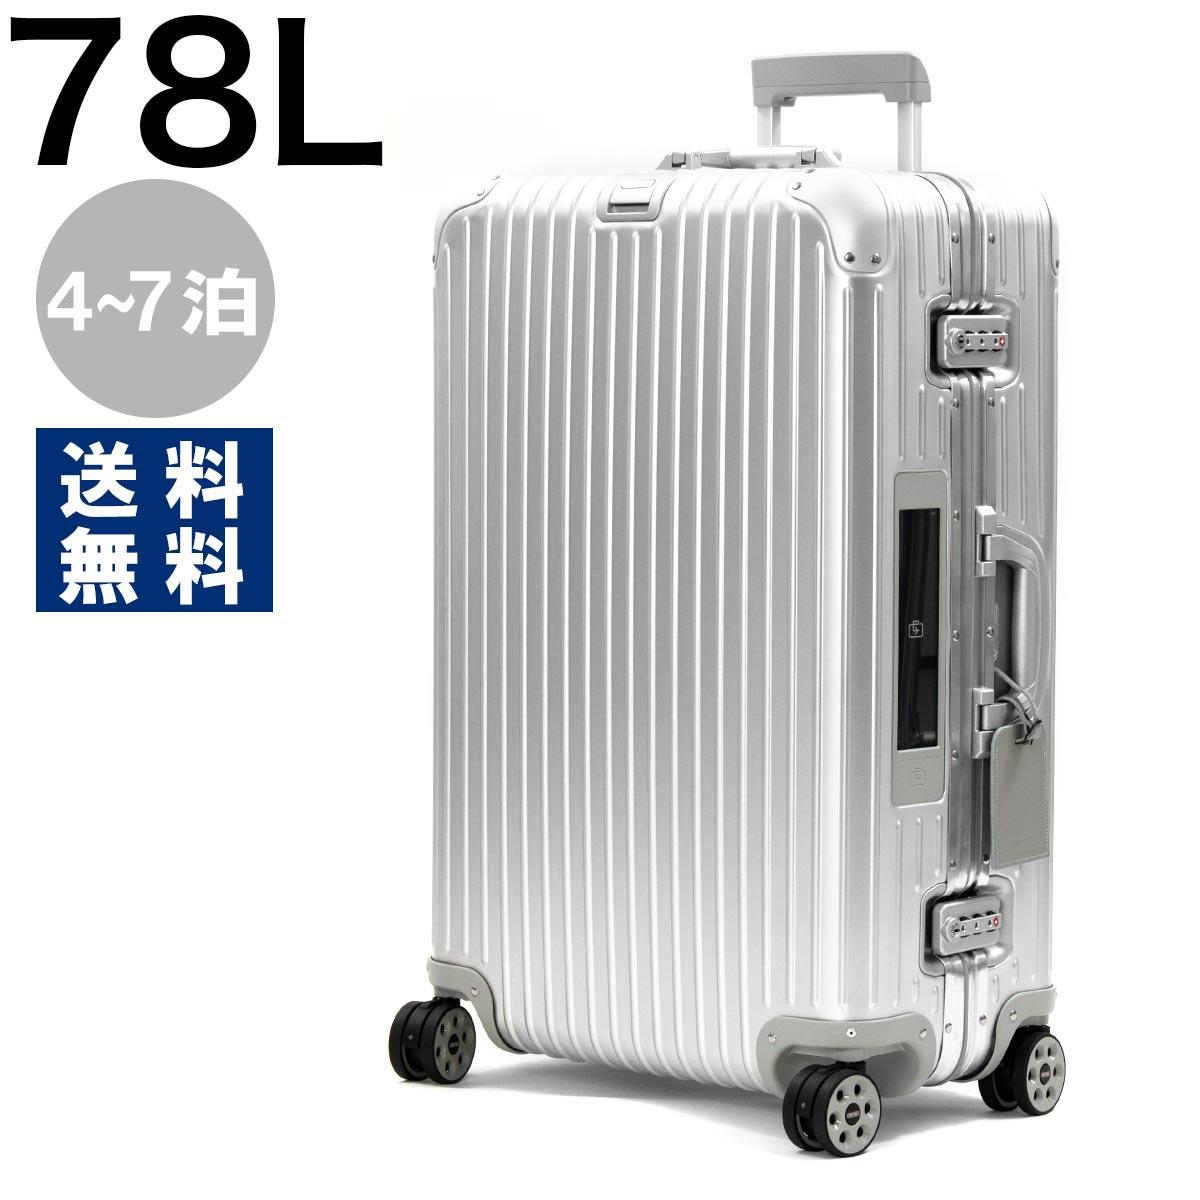 リモワ スーツケース/旅行用バッグ バッグ メンズ レディース トパーズ ELECTRONIC TAG 78L シルバー 92470005 RIMOWA